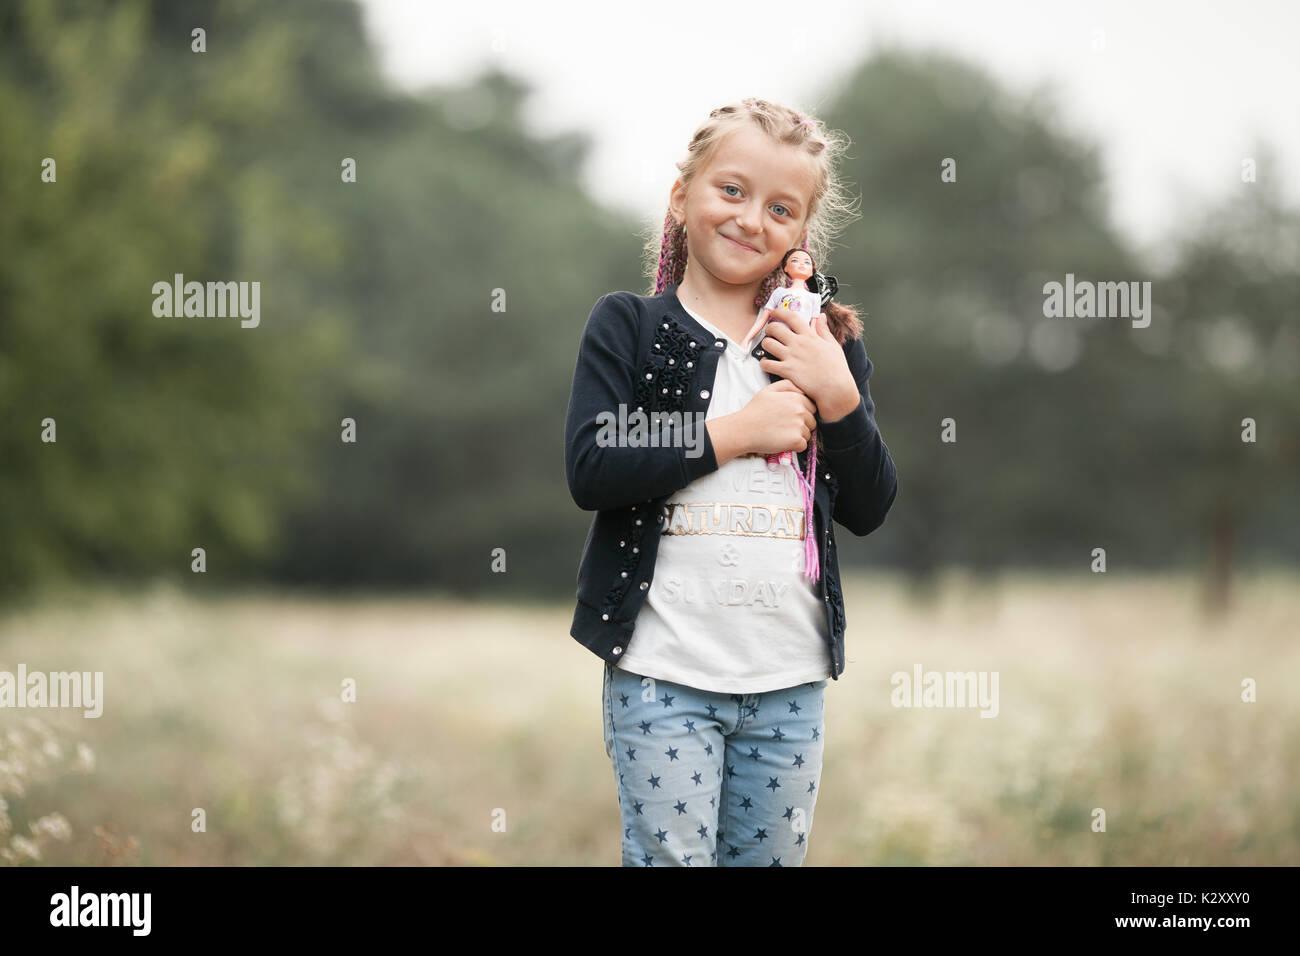 Kind, Mädchen mit Zöpfen Lächeln und spielt mit ihrer Puppe. Stockbild